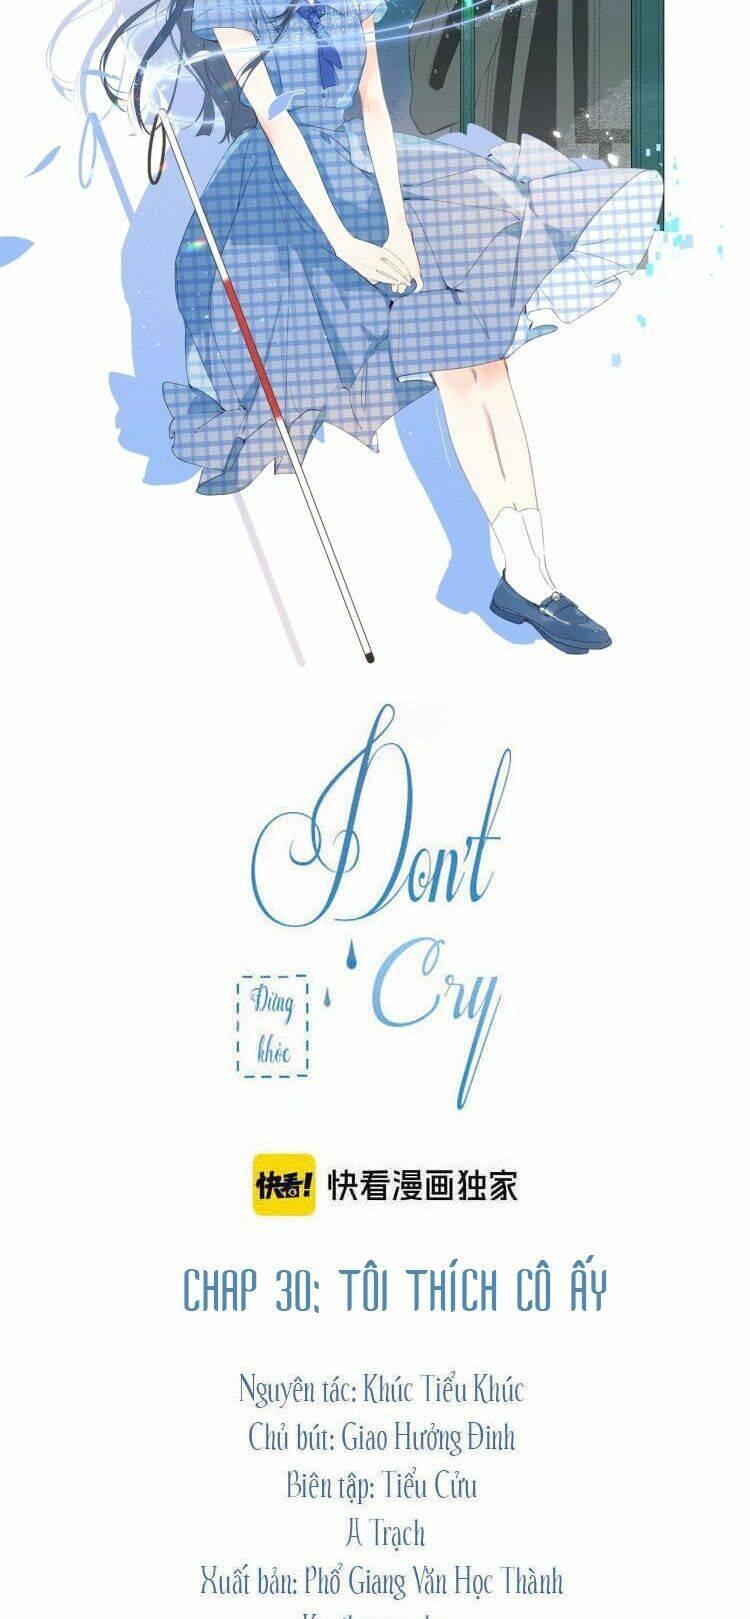 Thầy ơi, đừng khóc! Chap 33 . Next Chap Chap 34